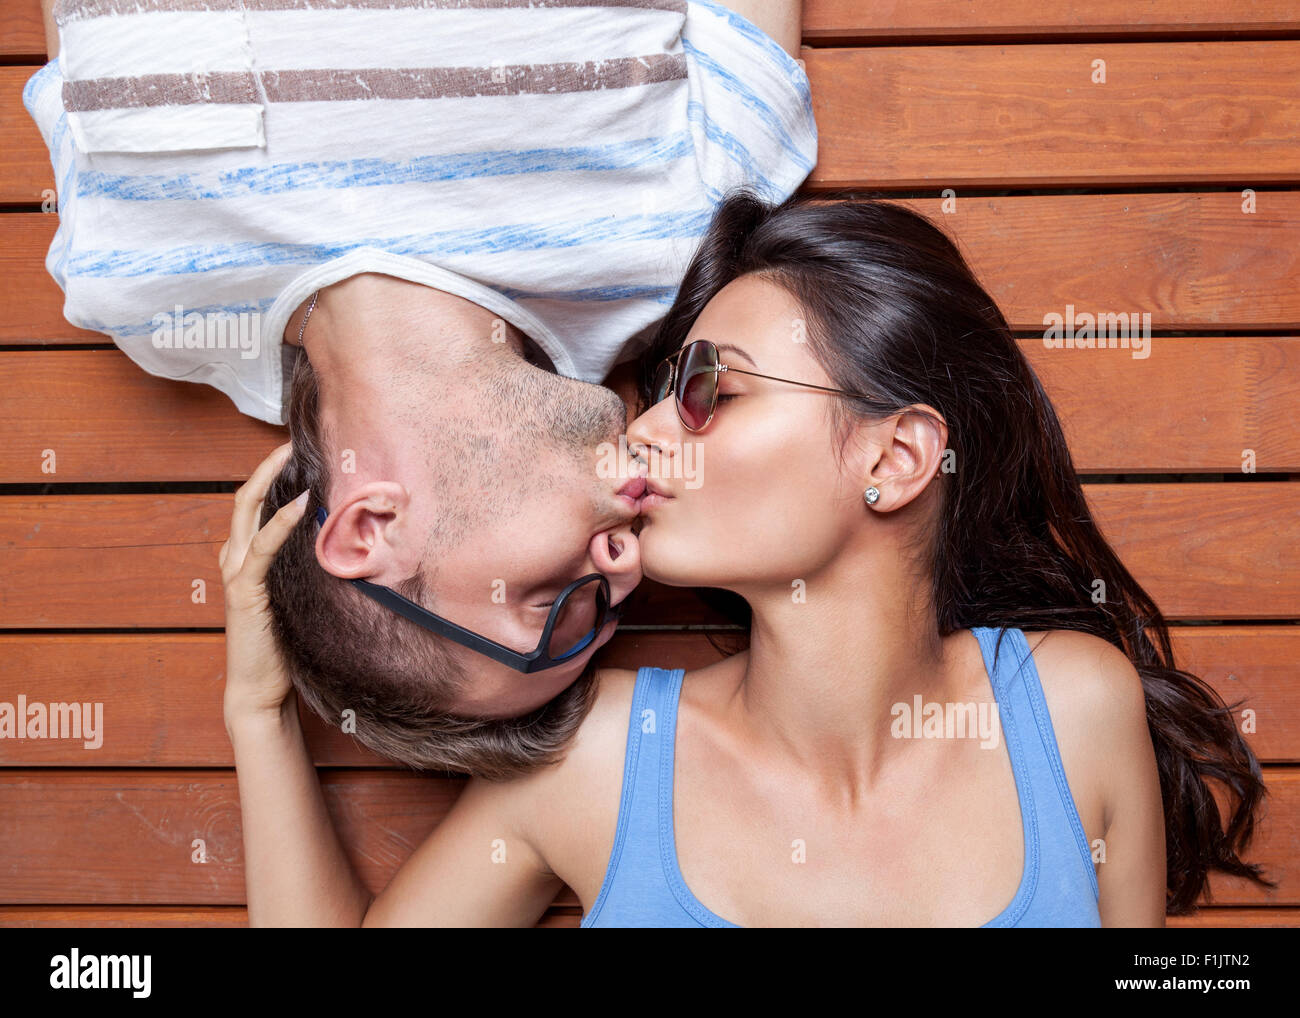 Glückliches junges Paar liegen Kopf an Kopf auf einem Holzfußboden Stockbild